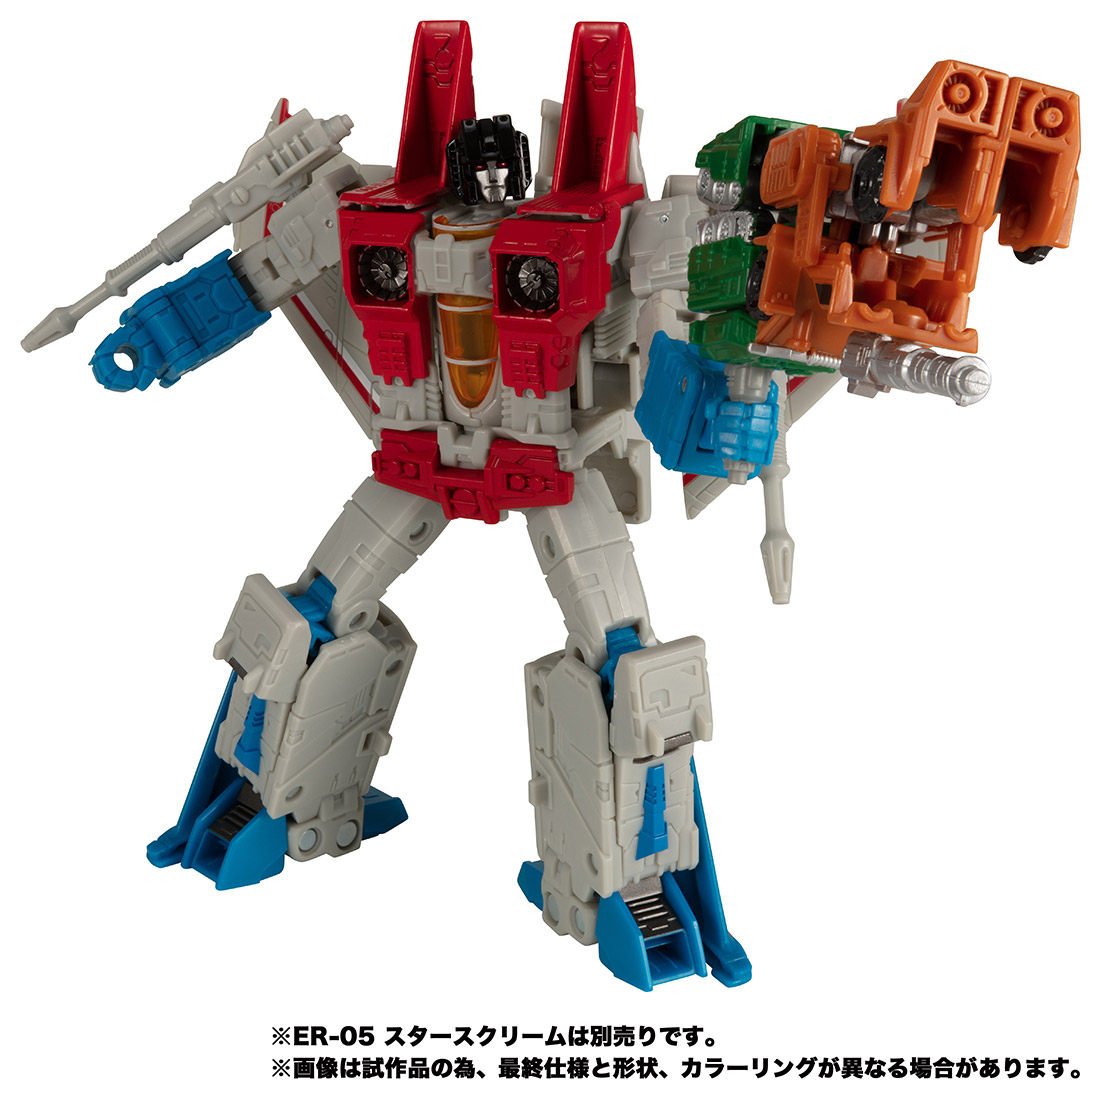 【限定販売】トランスフォーマー アースライズ『ER EX-04 ボムショック&グラウル』可変可動フィギュア-005